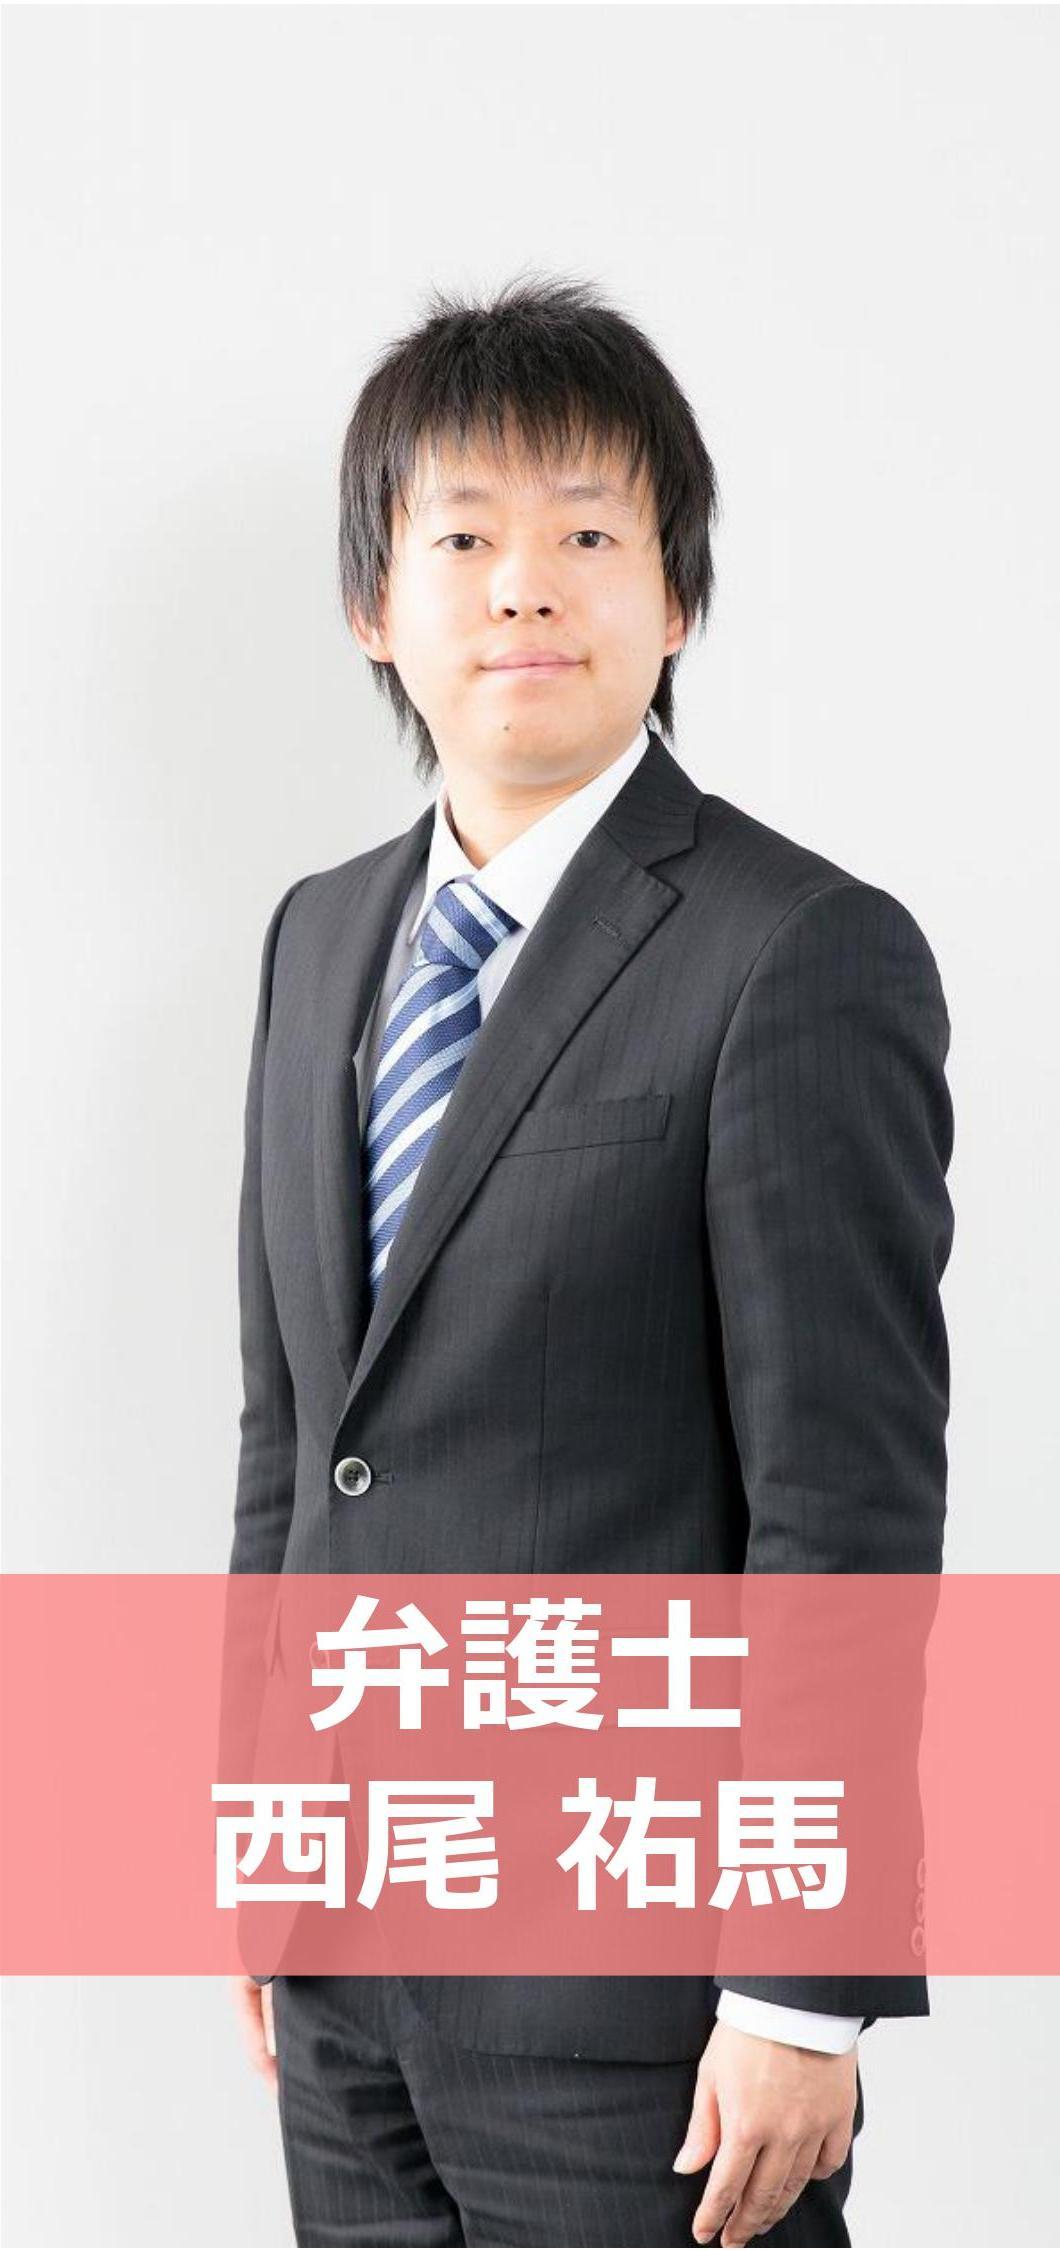 nishioB.jpg